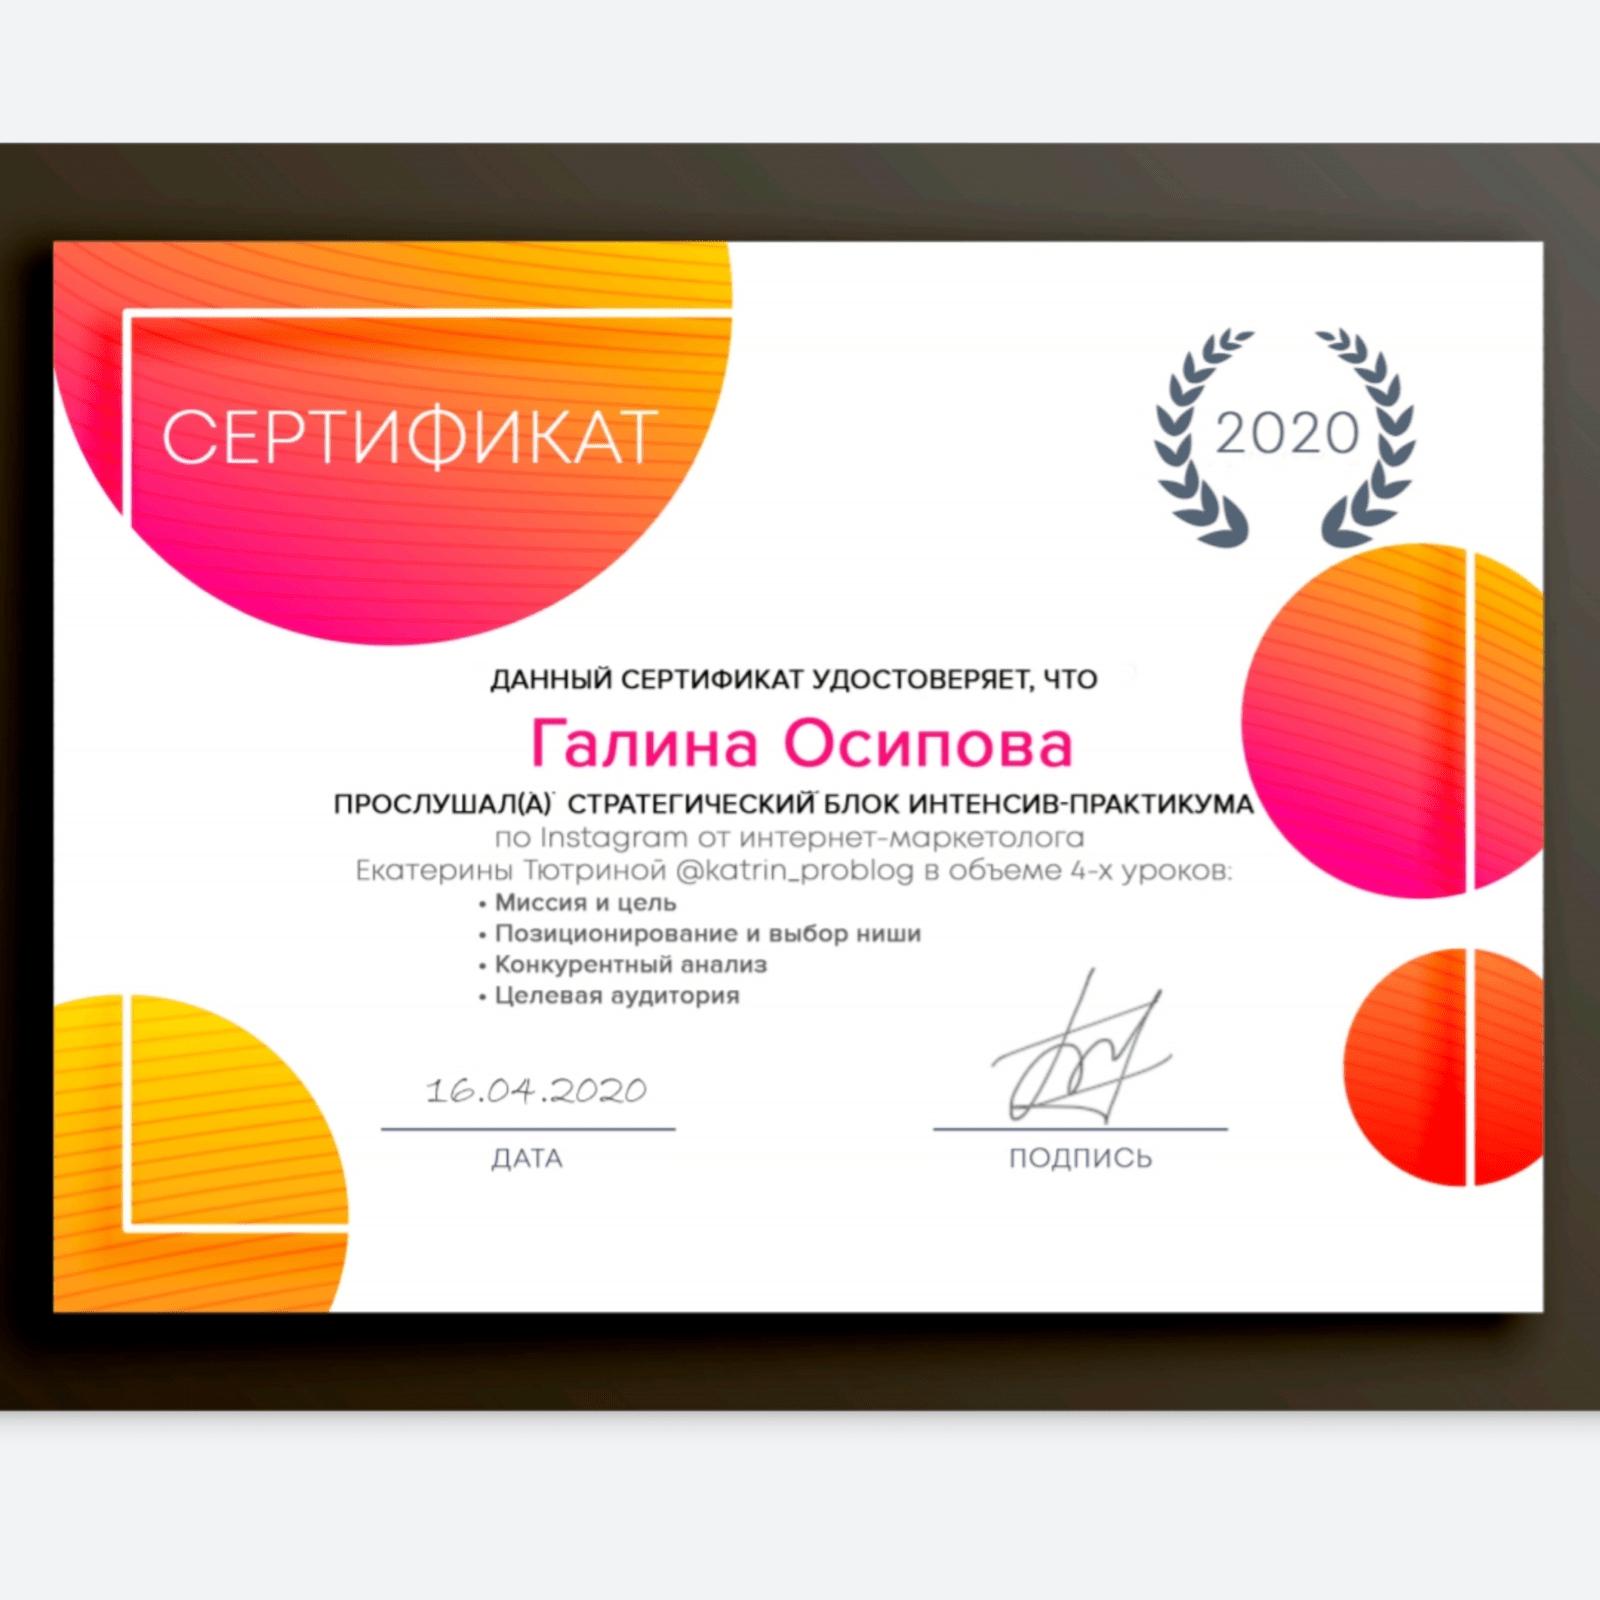 sertifikat po intensivu prautikumu po instagramm